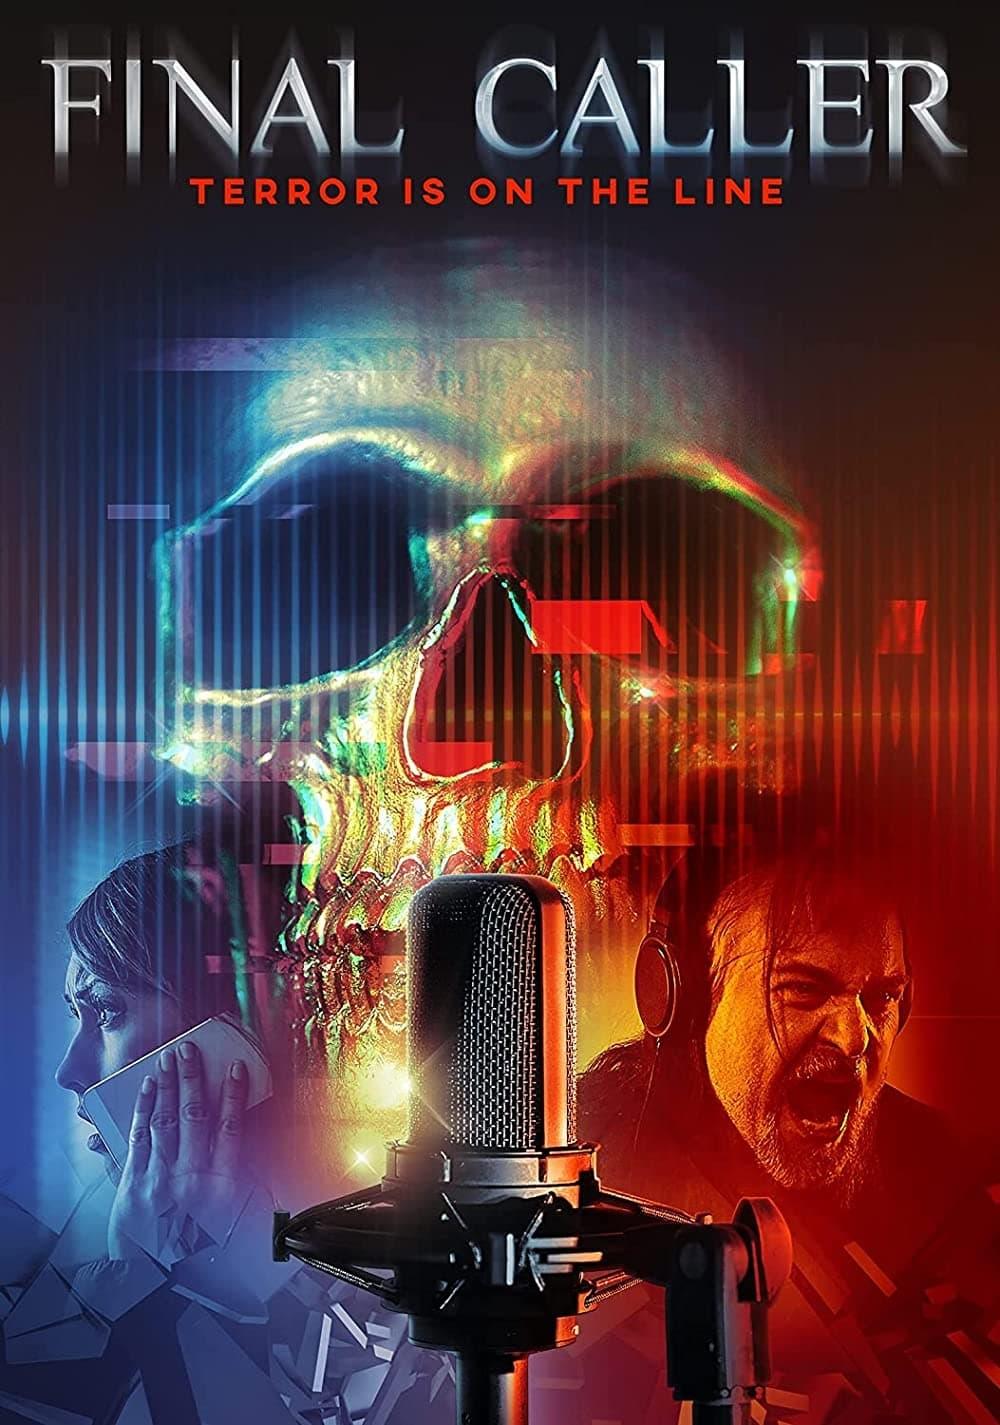 Final Caller